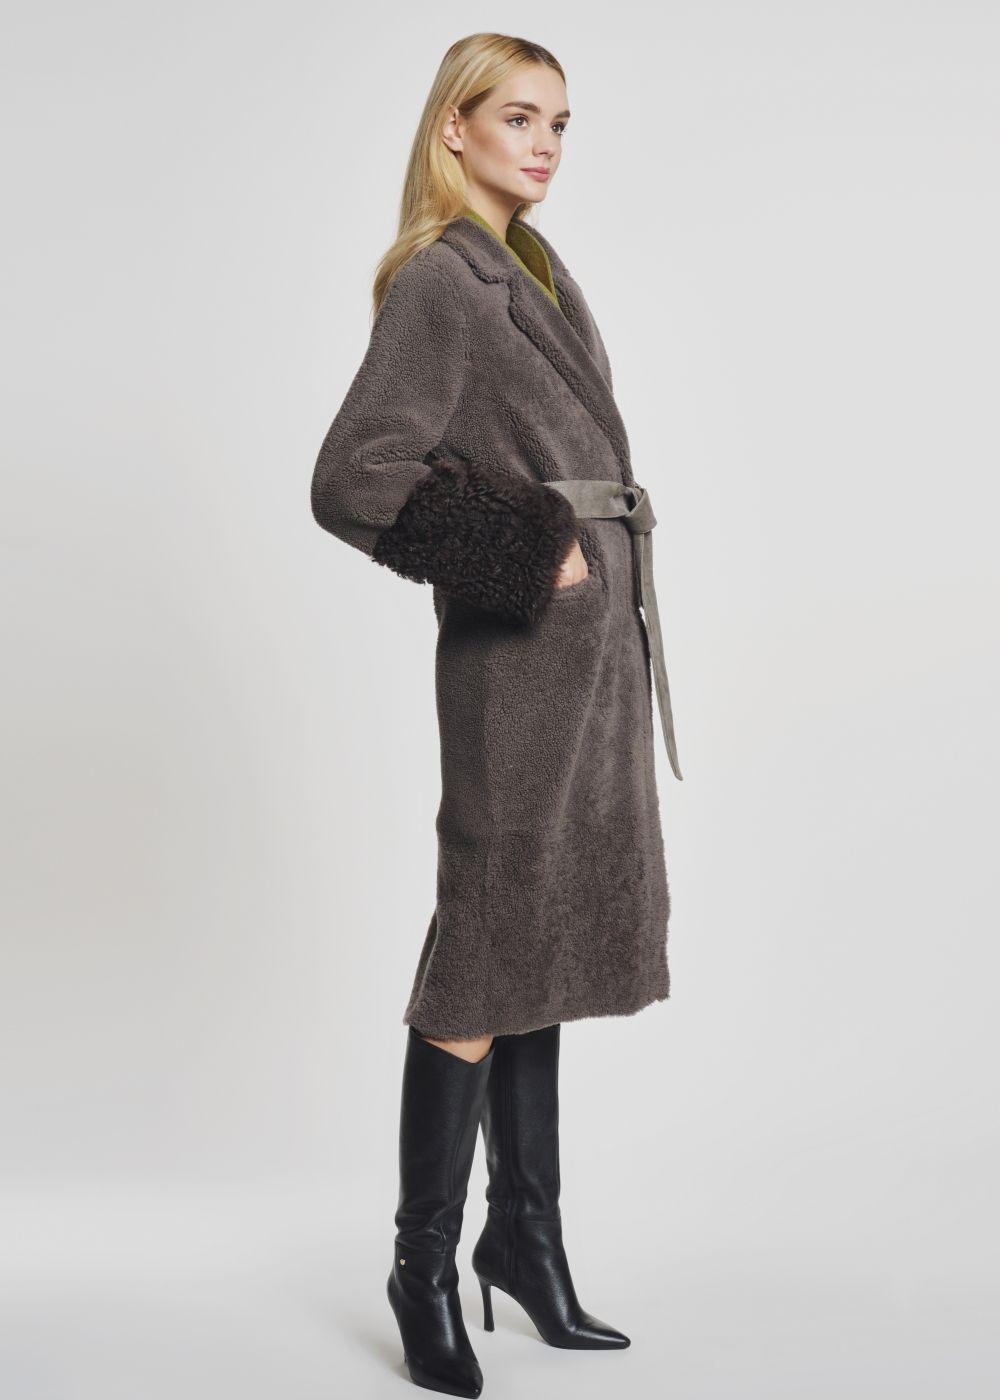 Długi kożuch damski z ozdobnym paskiem KOZDS-0046-5541(Z21)